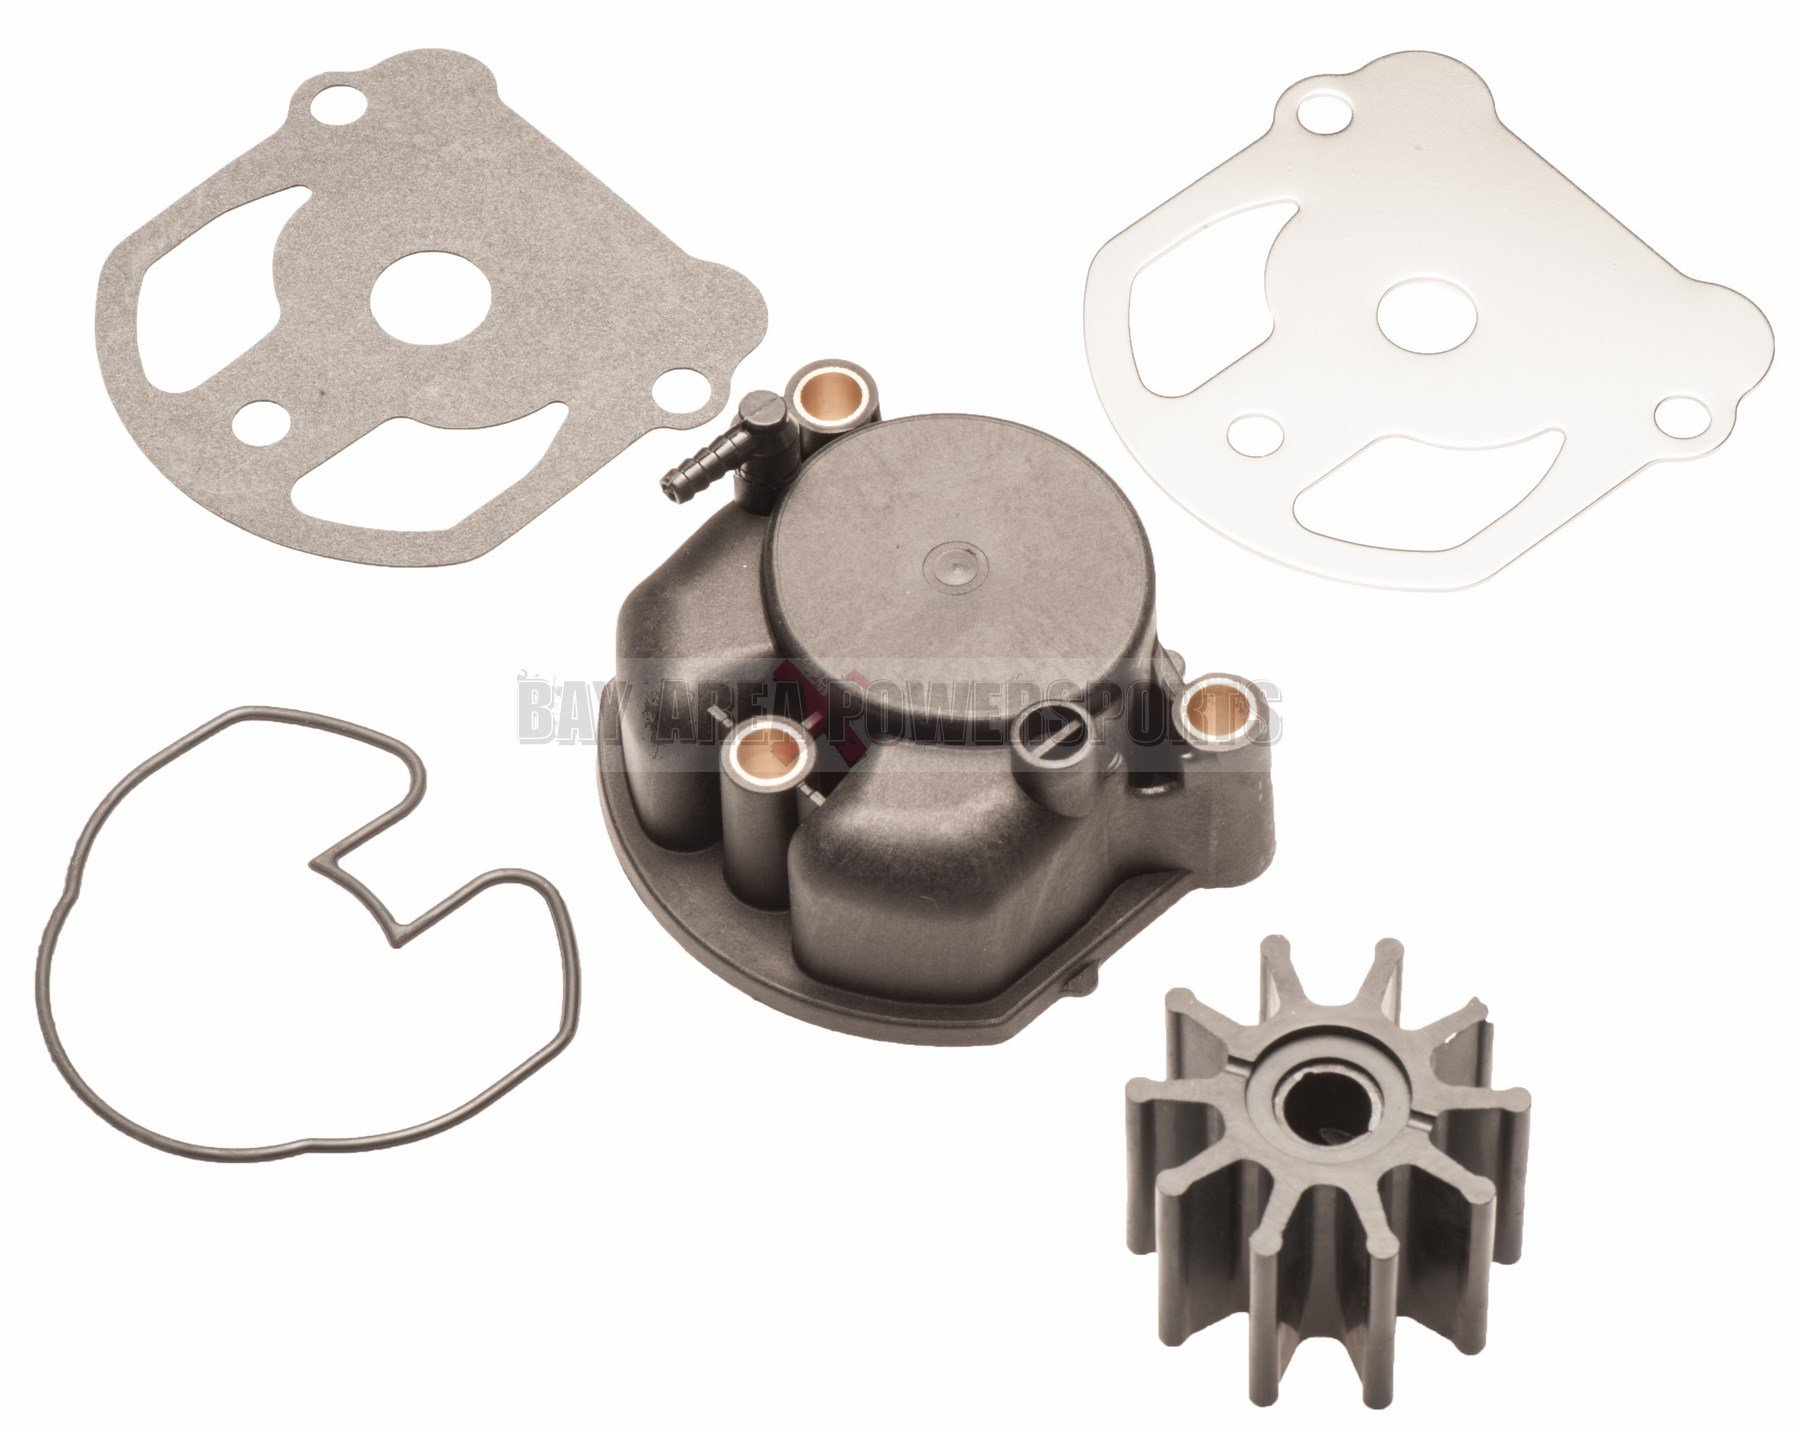 OMC Cobra Water Pump Repair Kit W/Housing Replaces 984461 984744 18-3348 12092